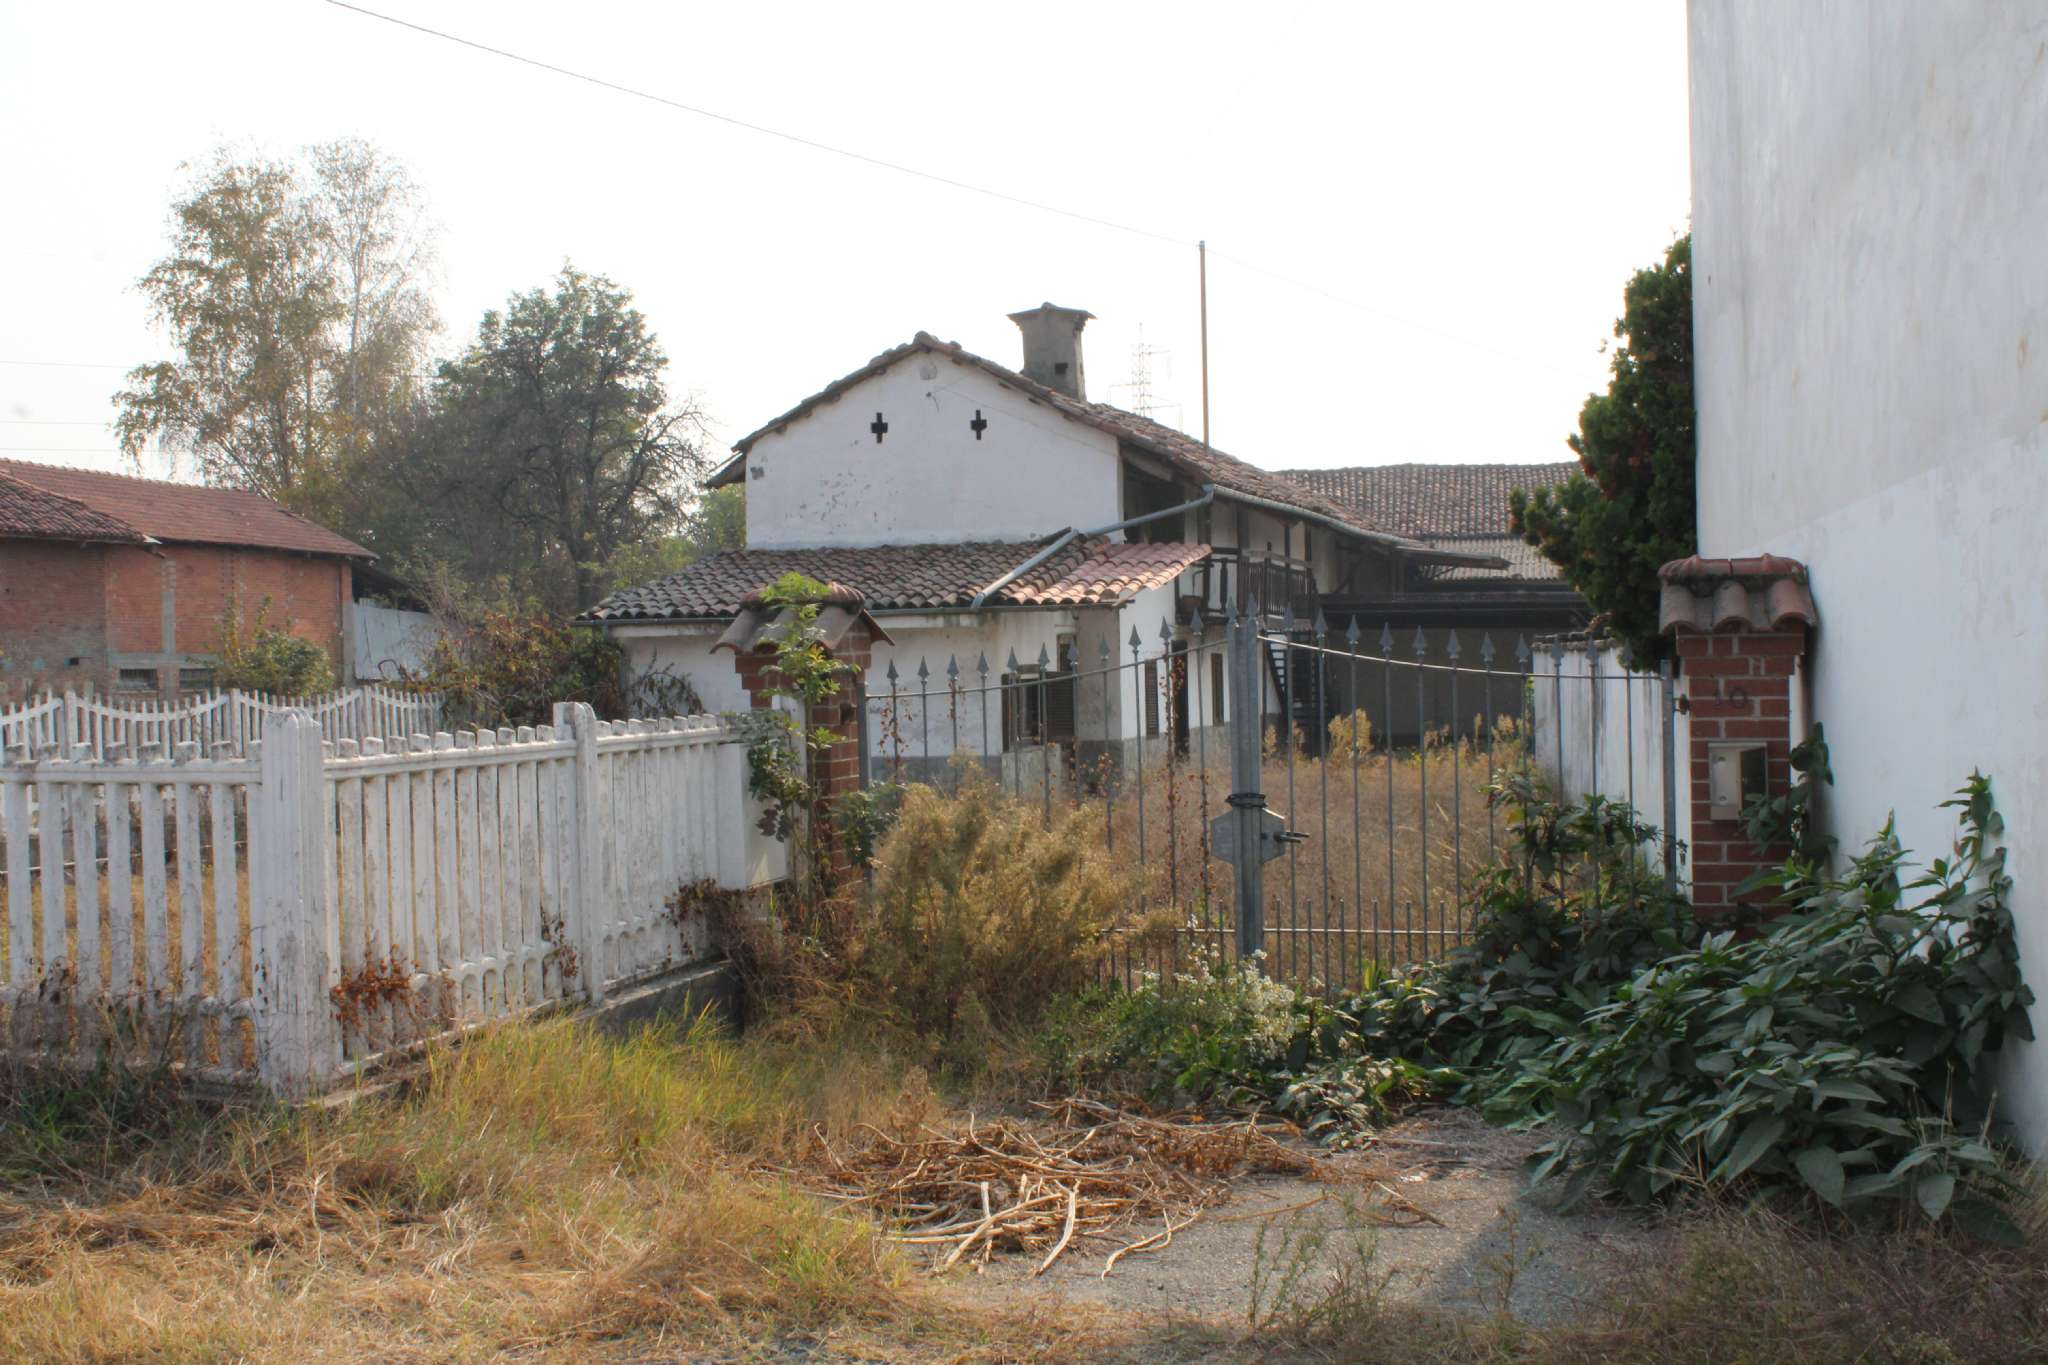 Soluzione Indipendente in vendita a Buriasco, 5 locali, prezzo € 30.000 | PortaleAgenzieImmobiliari.it